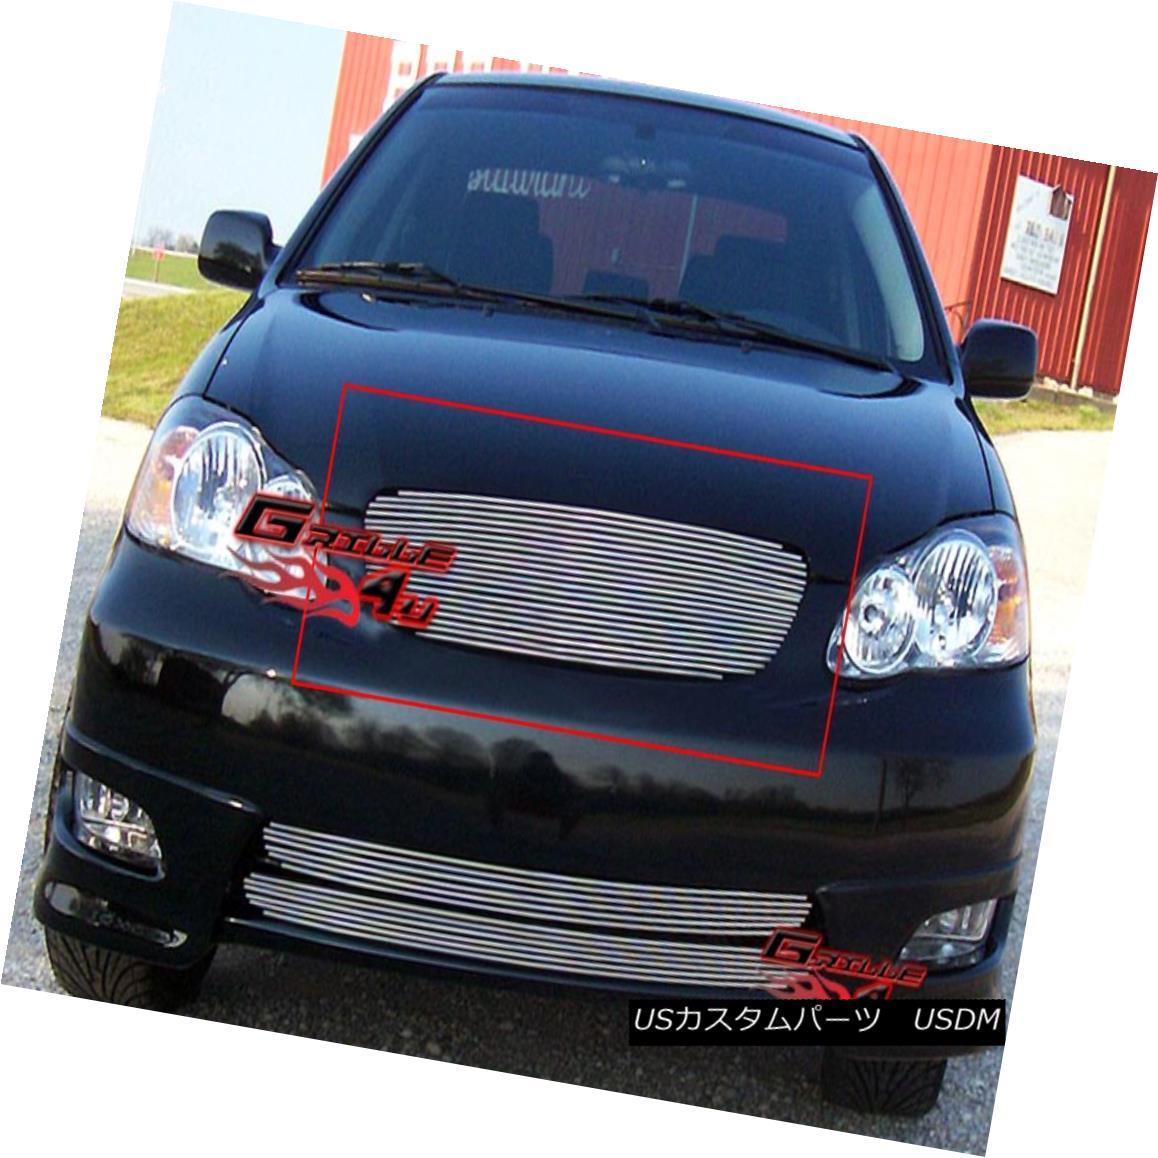 グリル Fits 2003-2004 Toyota Corolla Billet Grille Grill Insert フィット2003-2004トヨタカローラビレットグリルグリルインサート